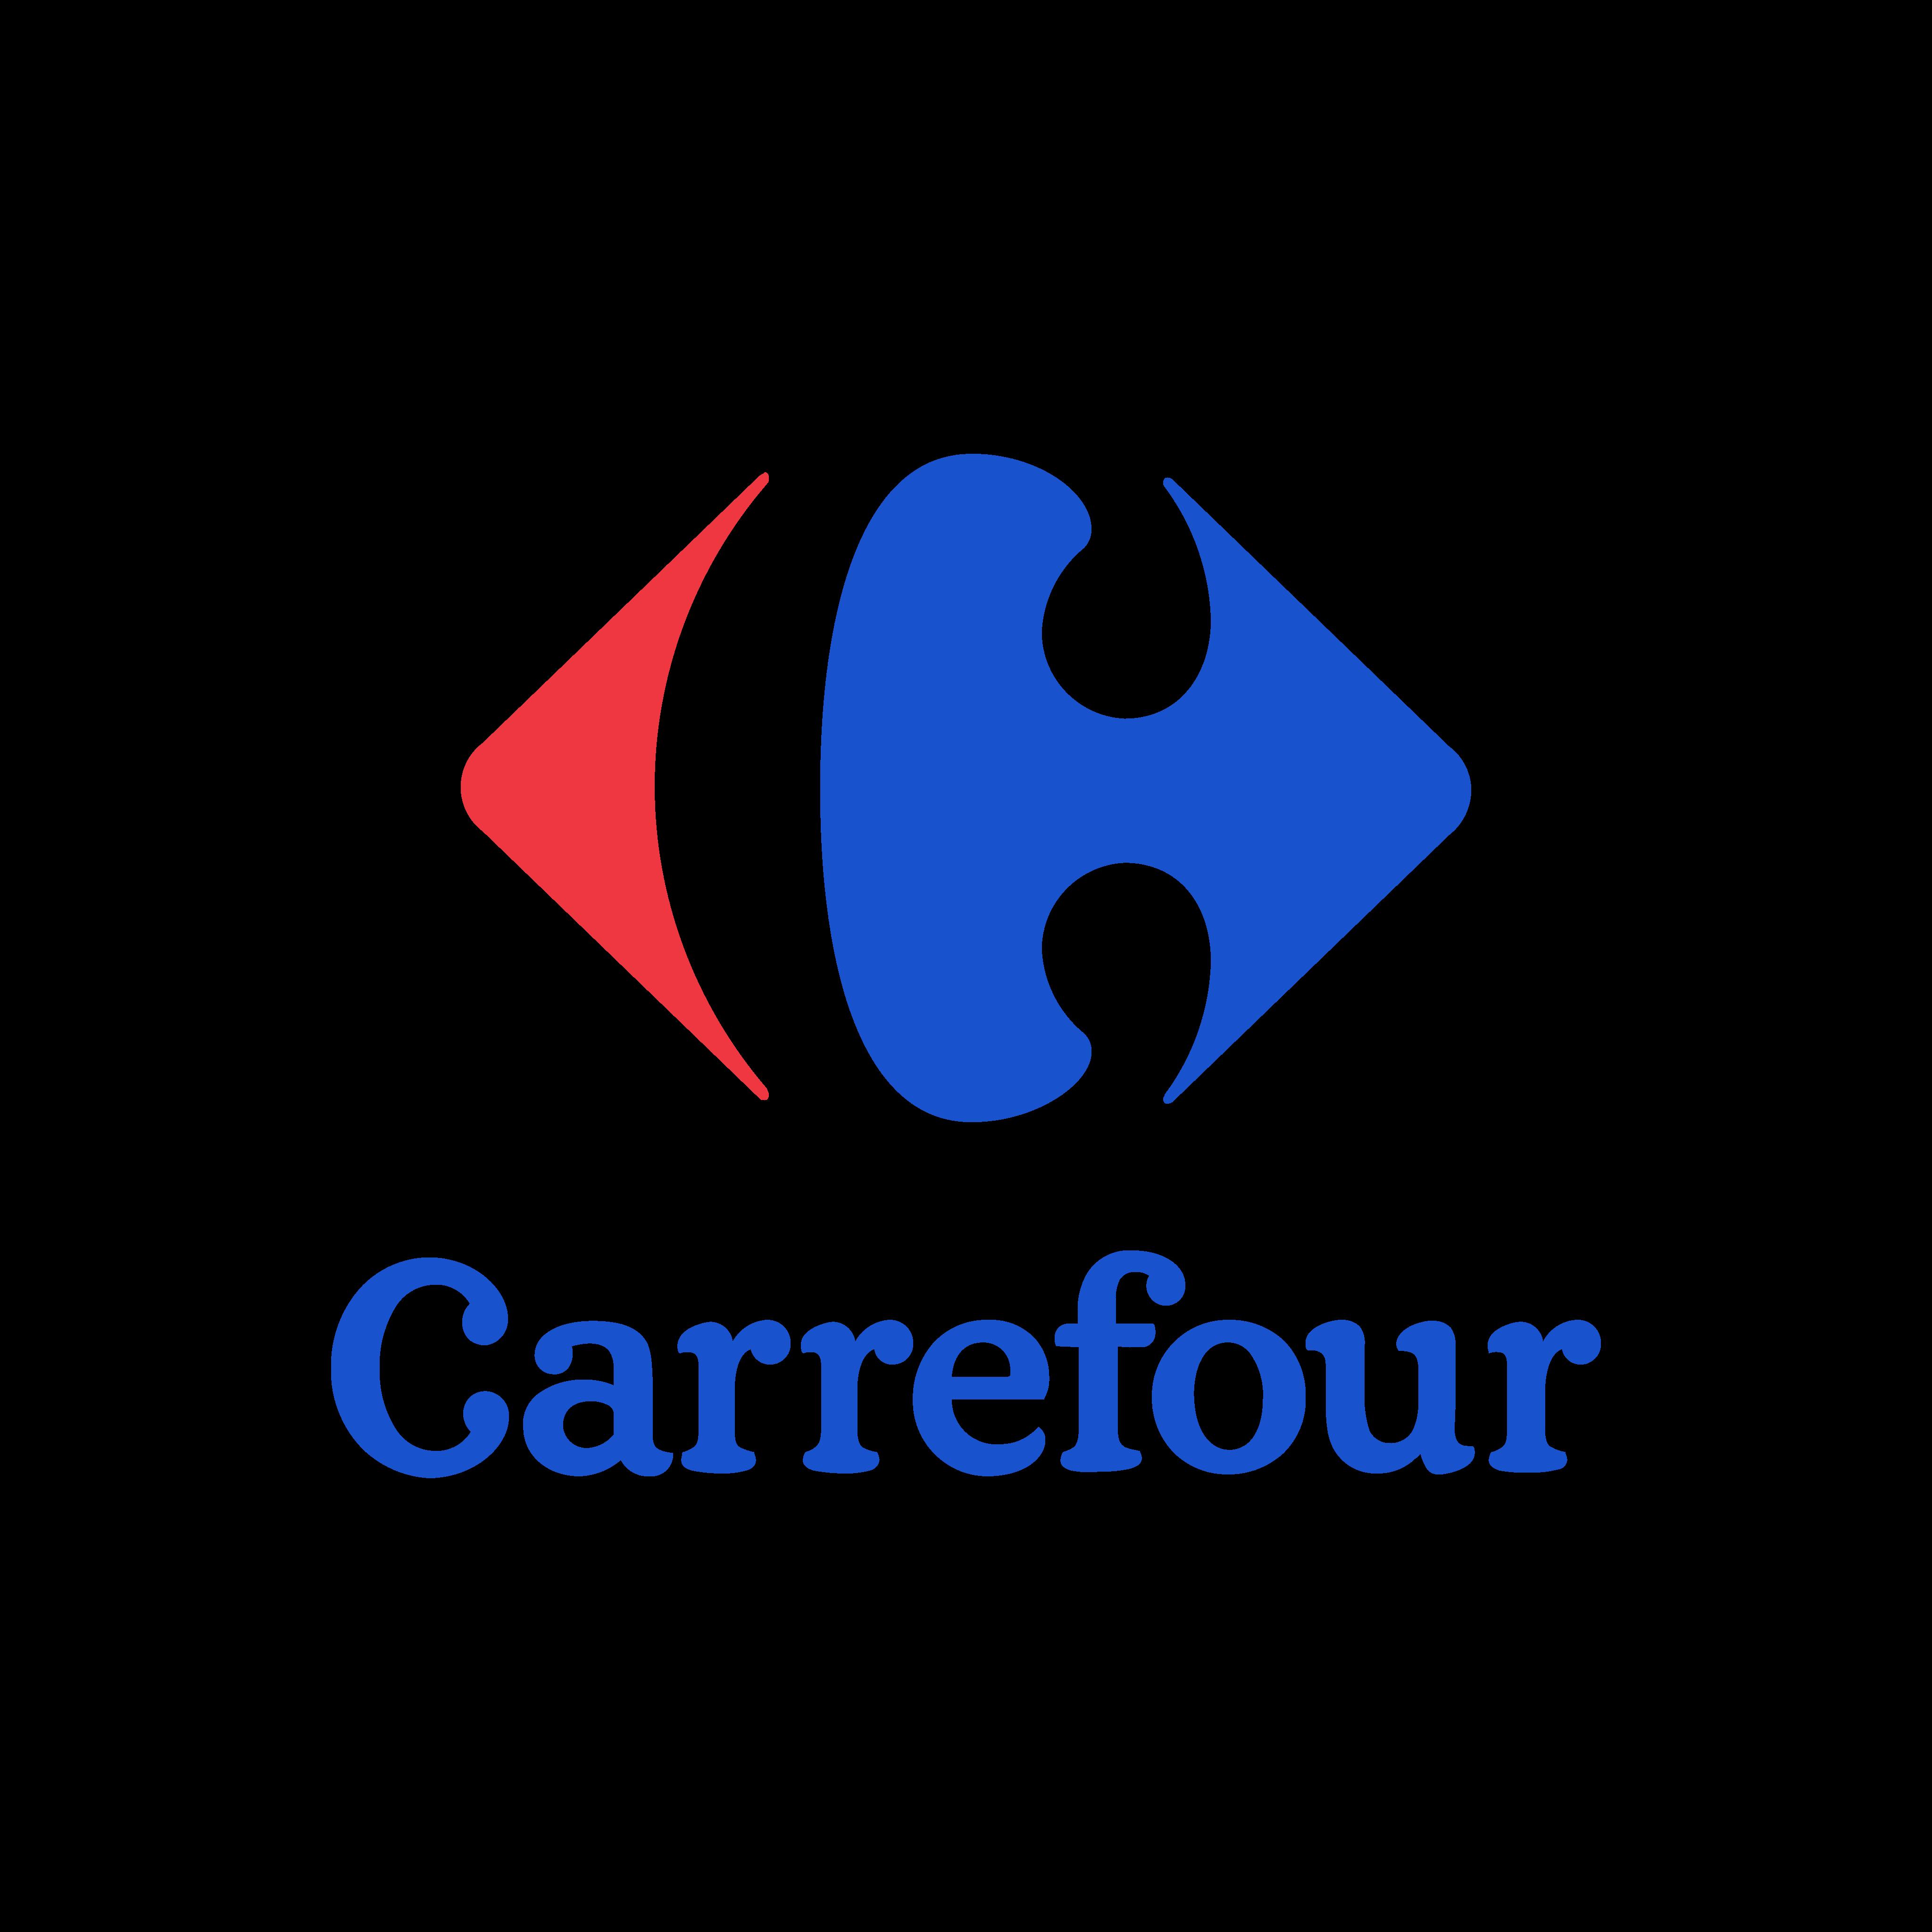 carrefour logo 0 - Carrefour Logo